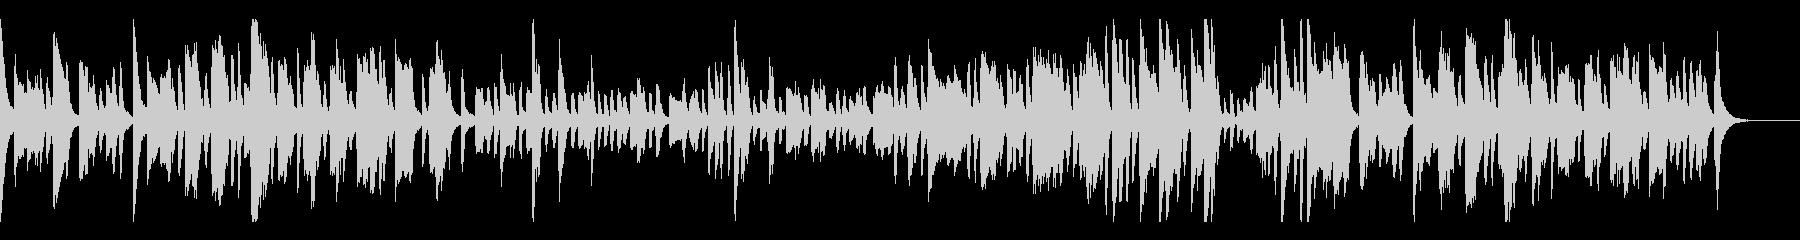 60秒の跳ねる日本のお祭り-ピアノソロの未再生の波形